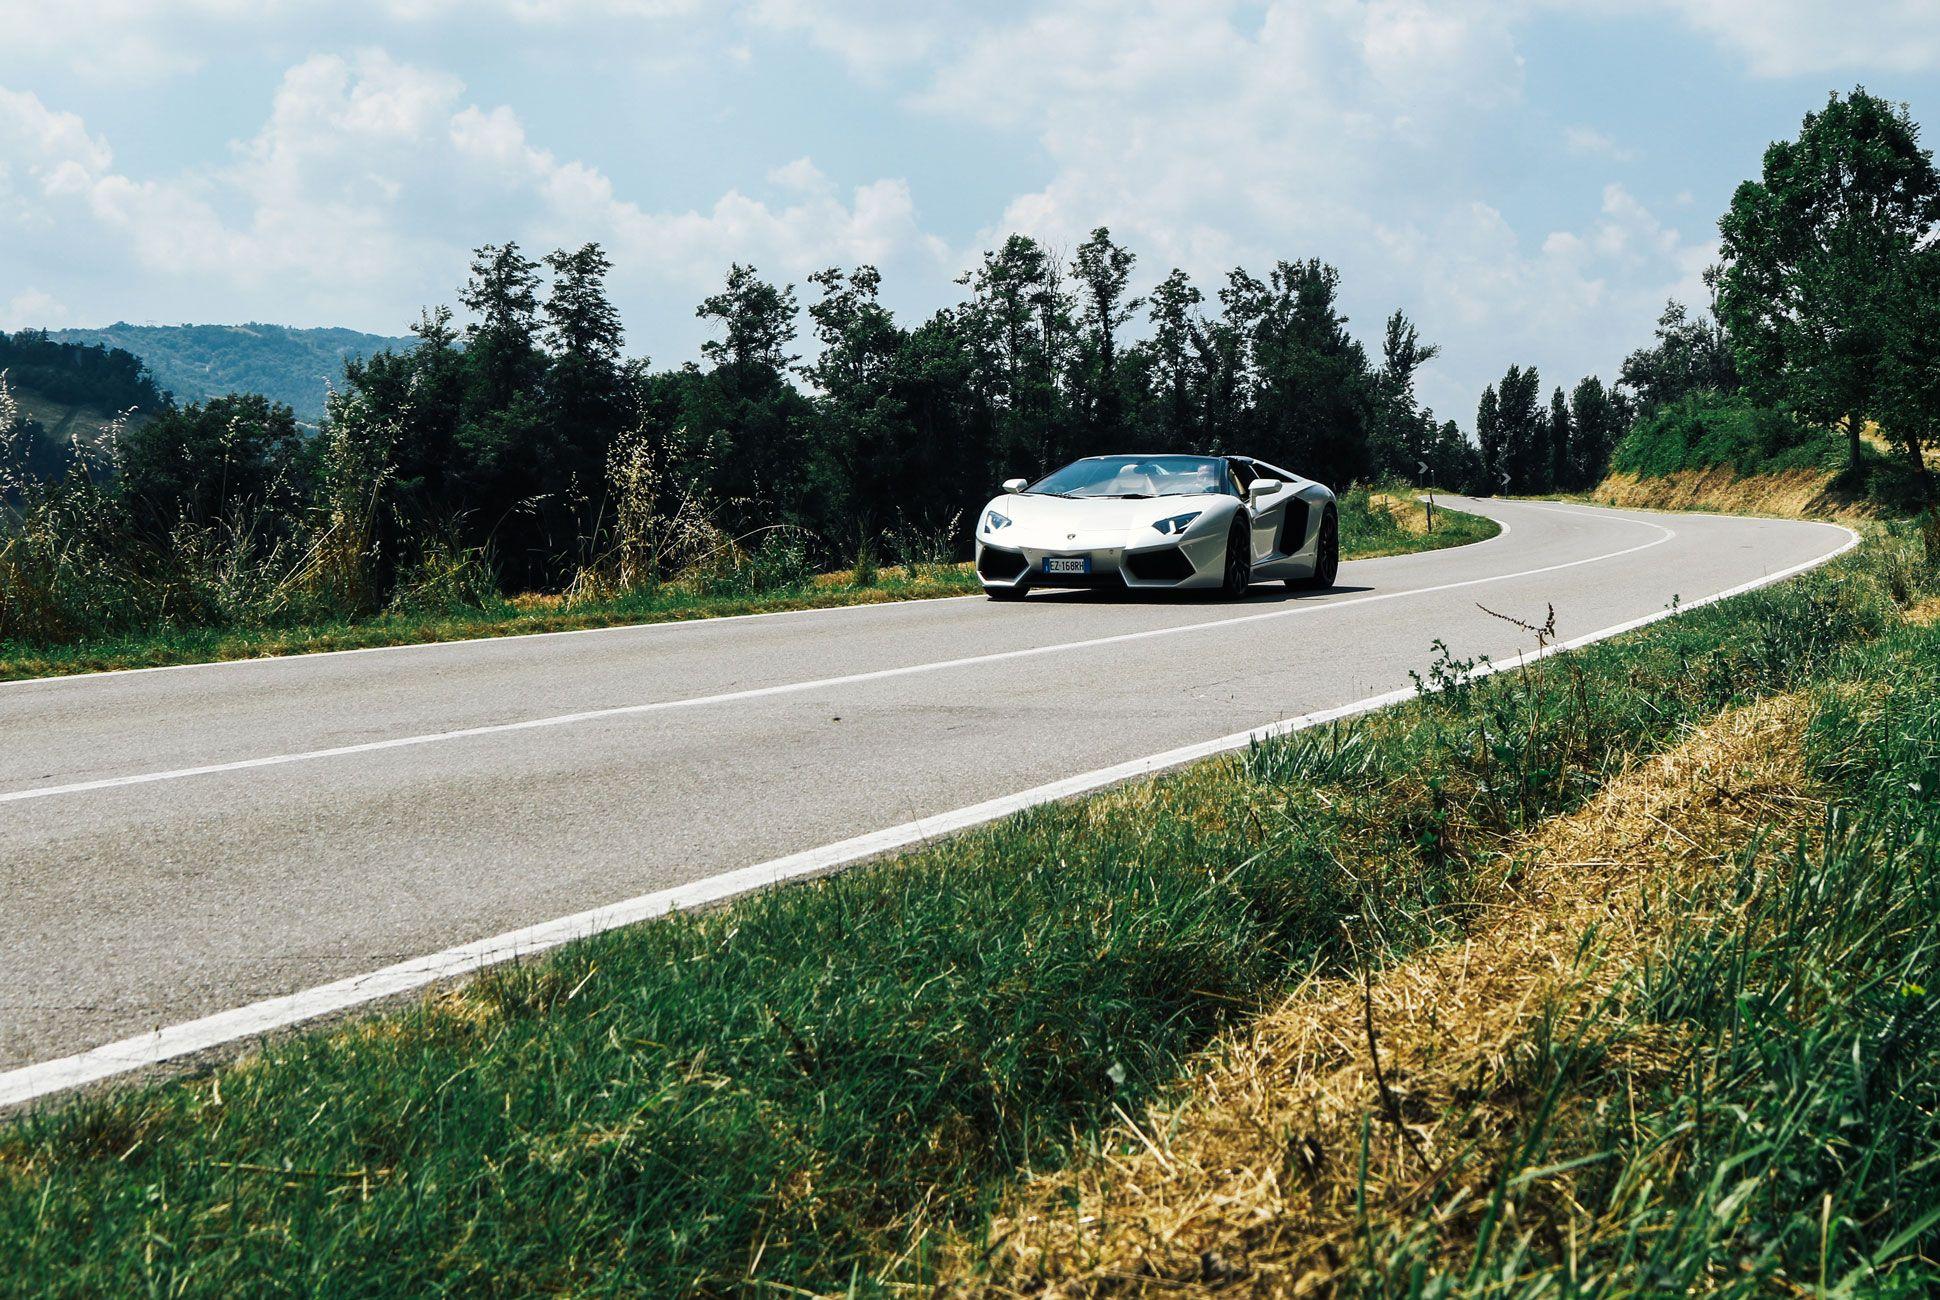 Lamborghini-Aventador-Roadster-Gear-Patrol-Slide-8